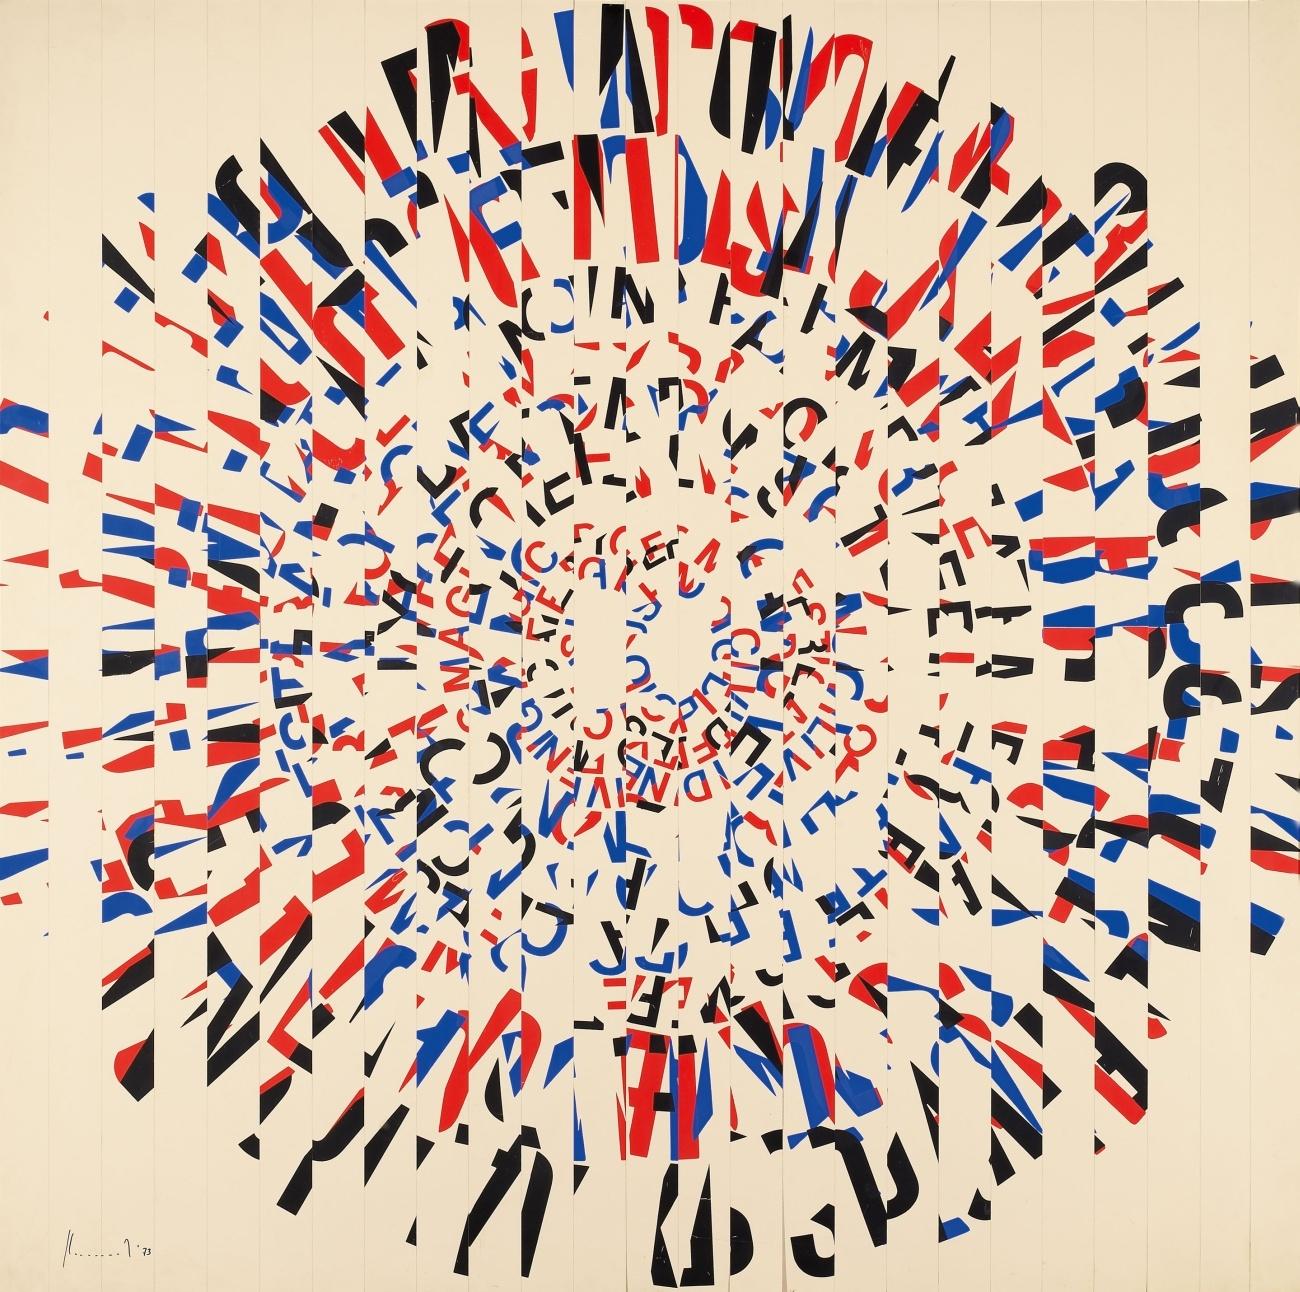 Ferdinand Kriwet, Ohne Titel (Rundschreiben), 1973